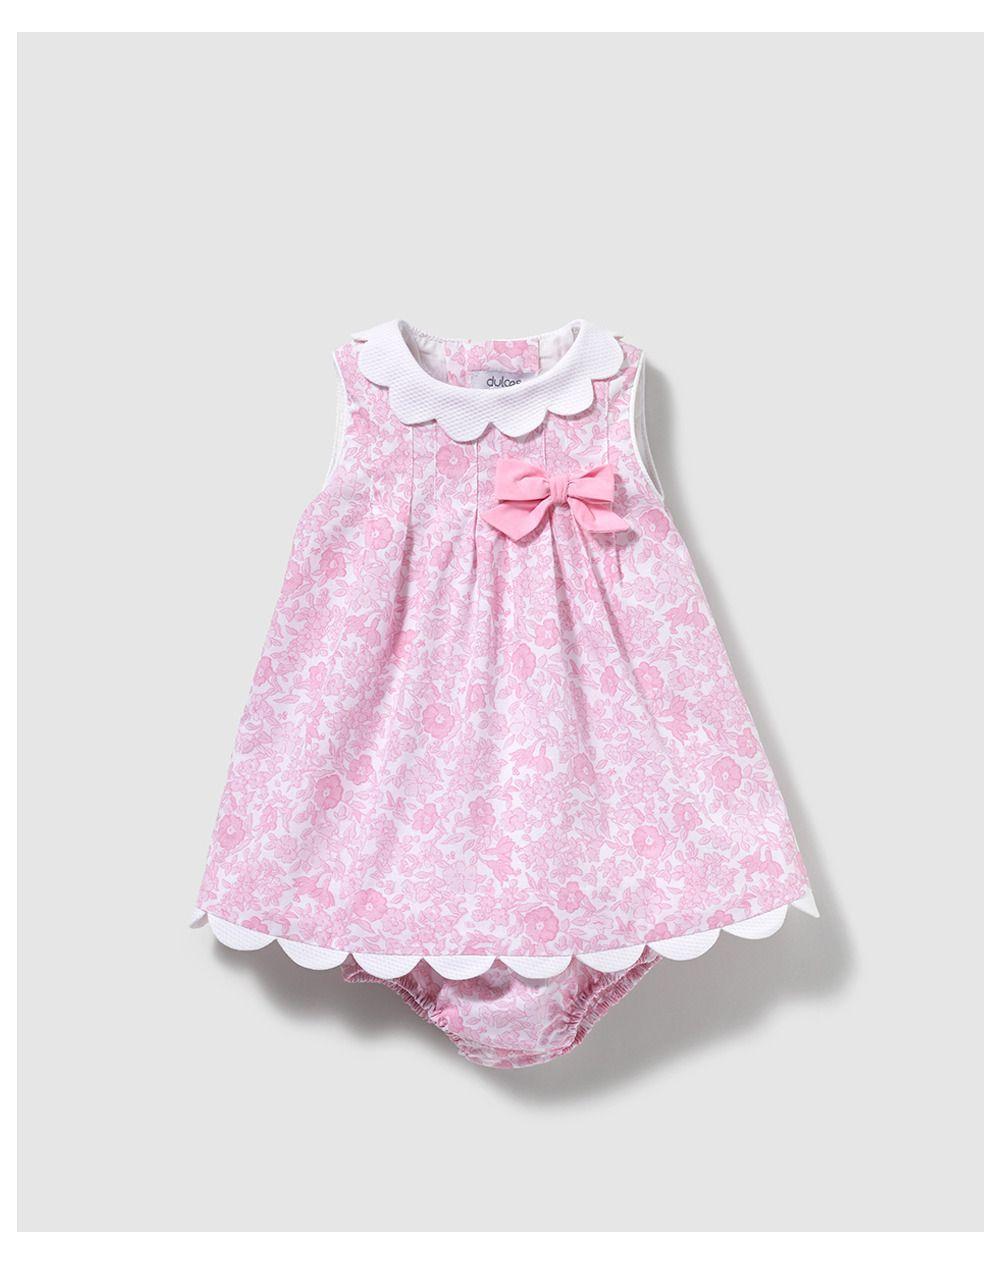 Thumbnail #1 | Niñas Pequeñas | Pinterest | Vestidos niña, Bebe y Bebé